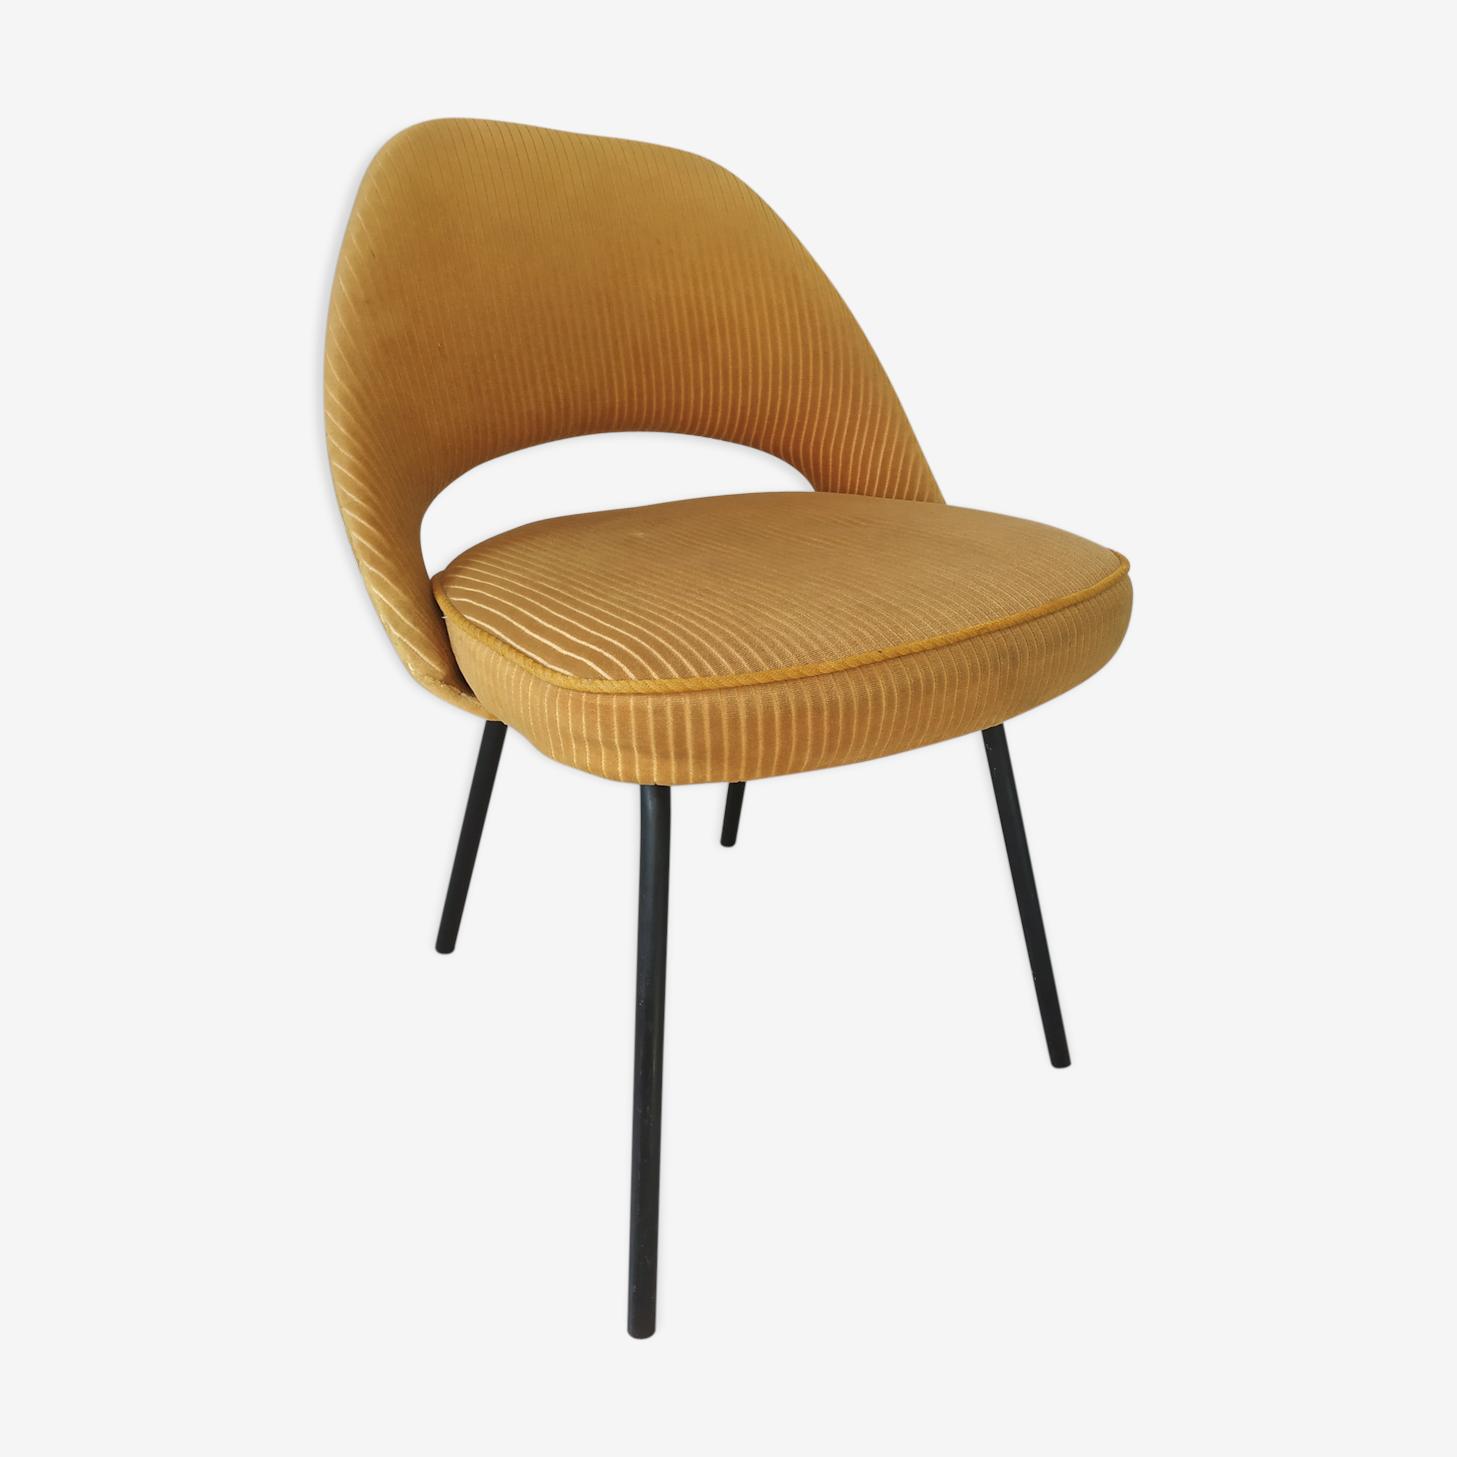 Chair by Eero Saarinen Knoll edition 1950